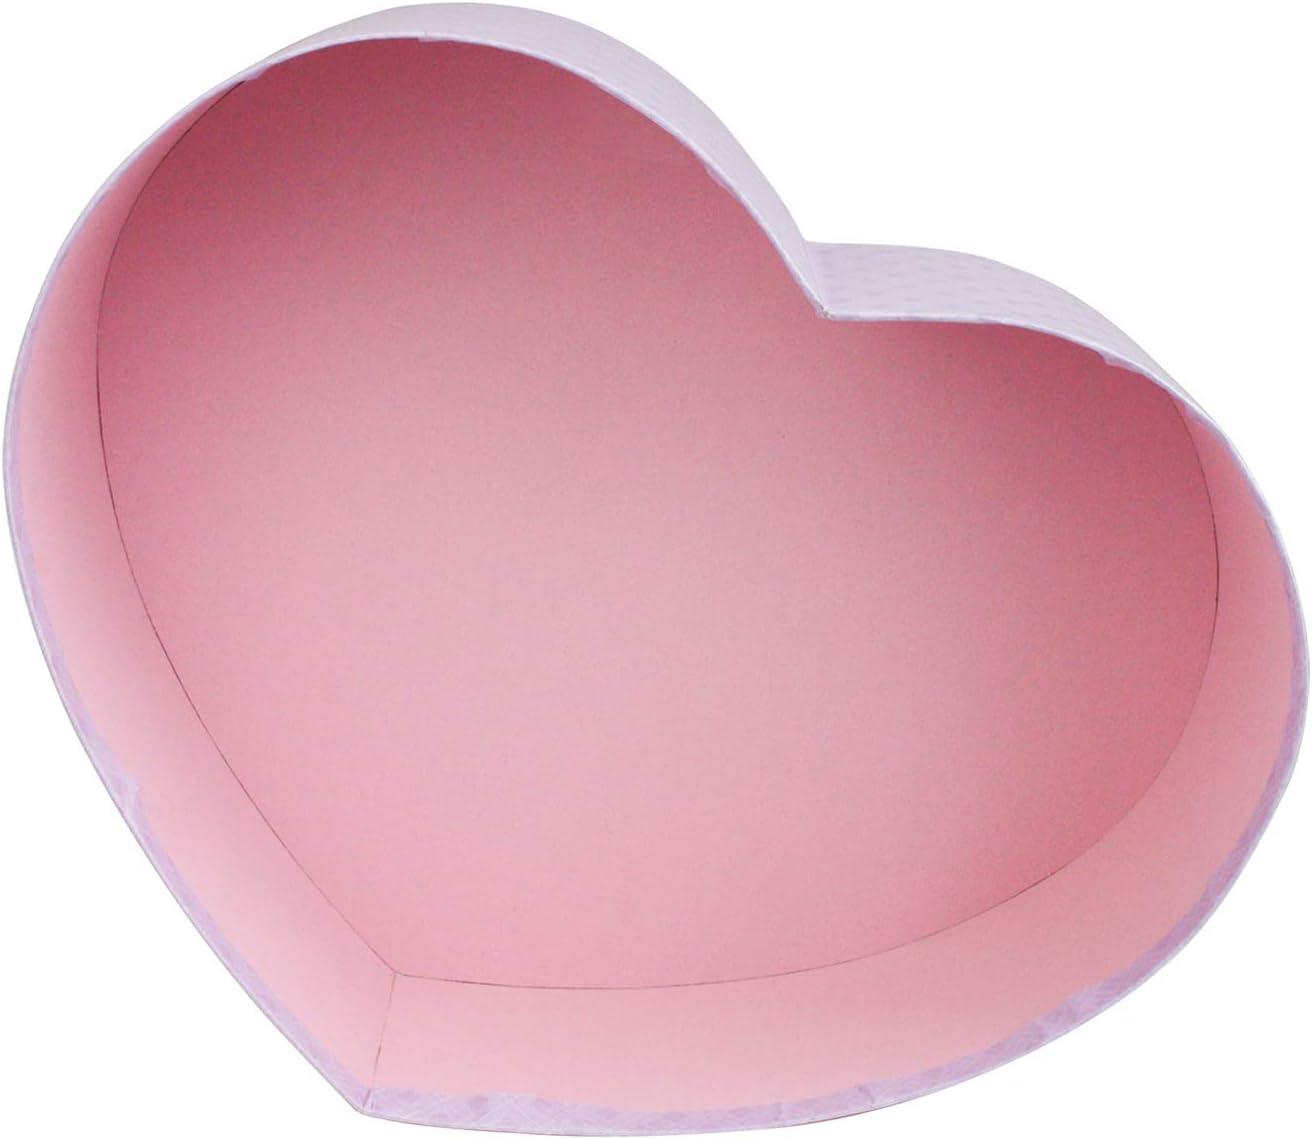 Rosa Innenraum und Gestreiftes Schleifenband Lila Box mit Baby Rosa Deckel 36,3 cm x 29,5 cm x 10,5 cm Emartbuy Starrer Luxus Herzf/örmige Pr/äsentations-Geschenkbox